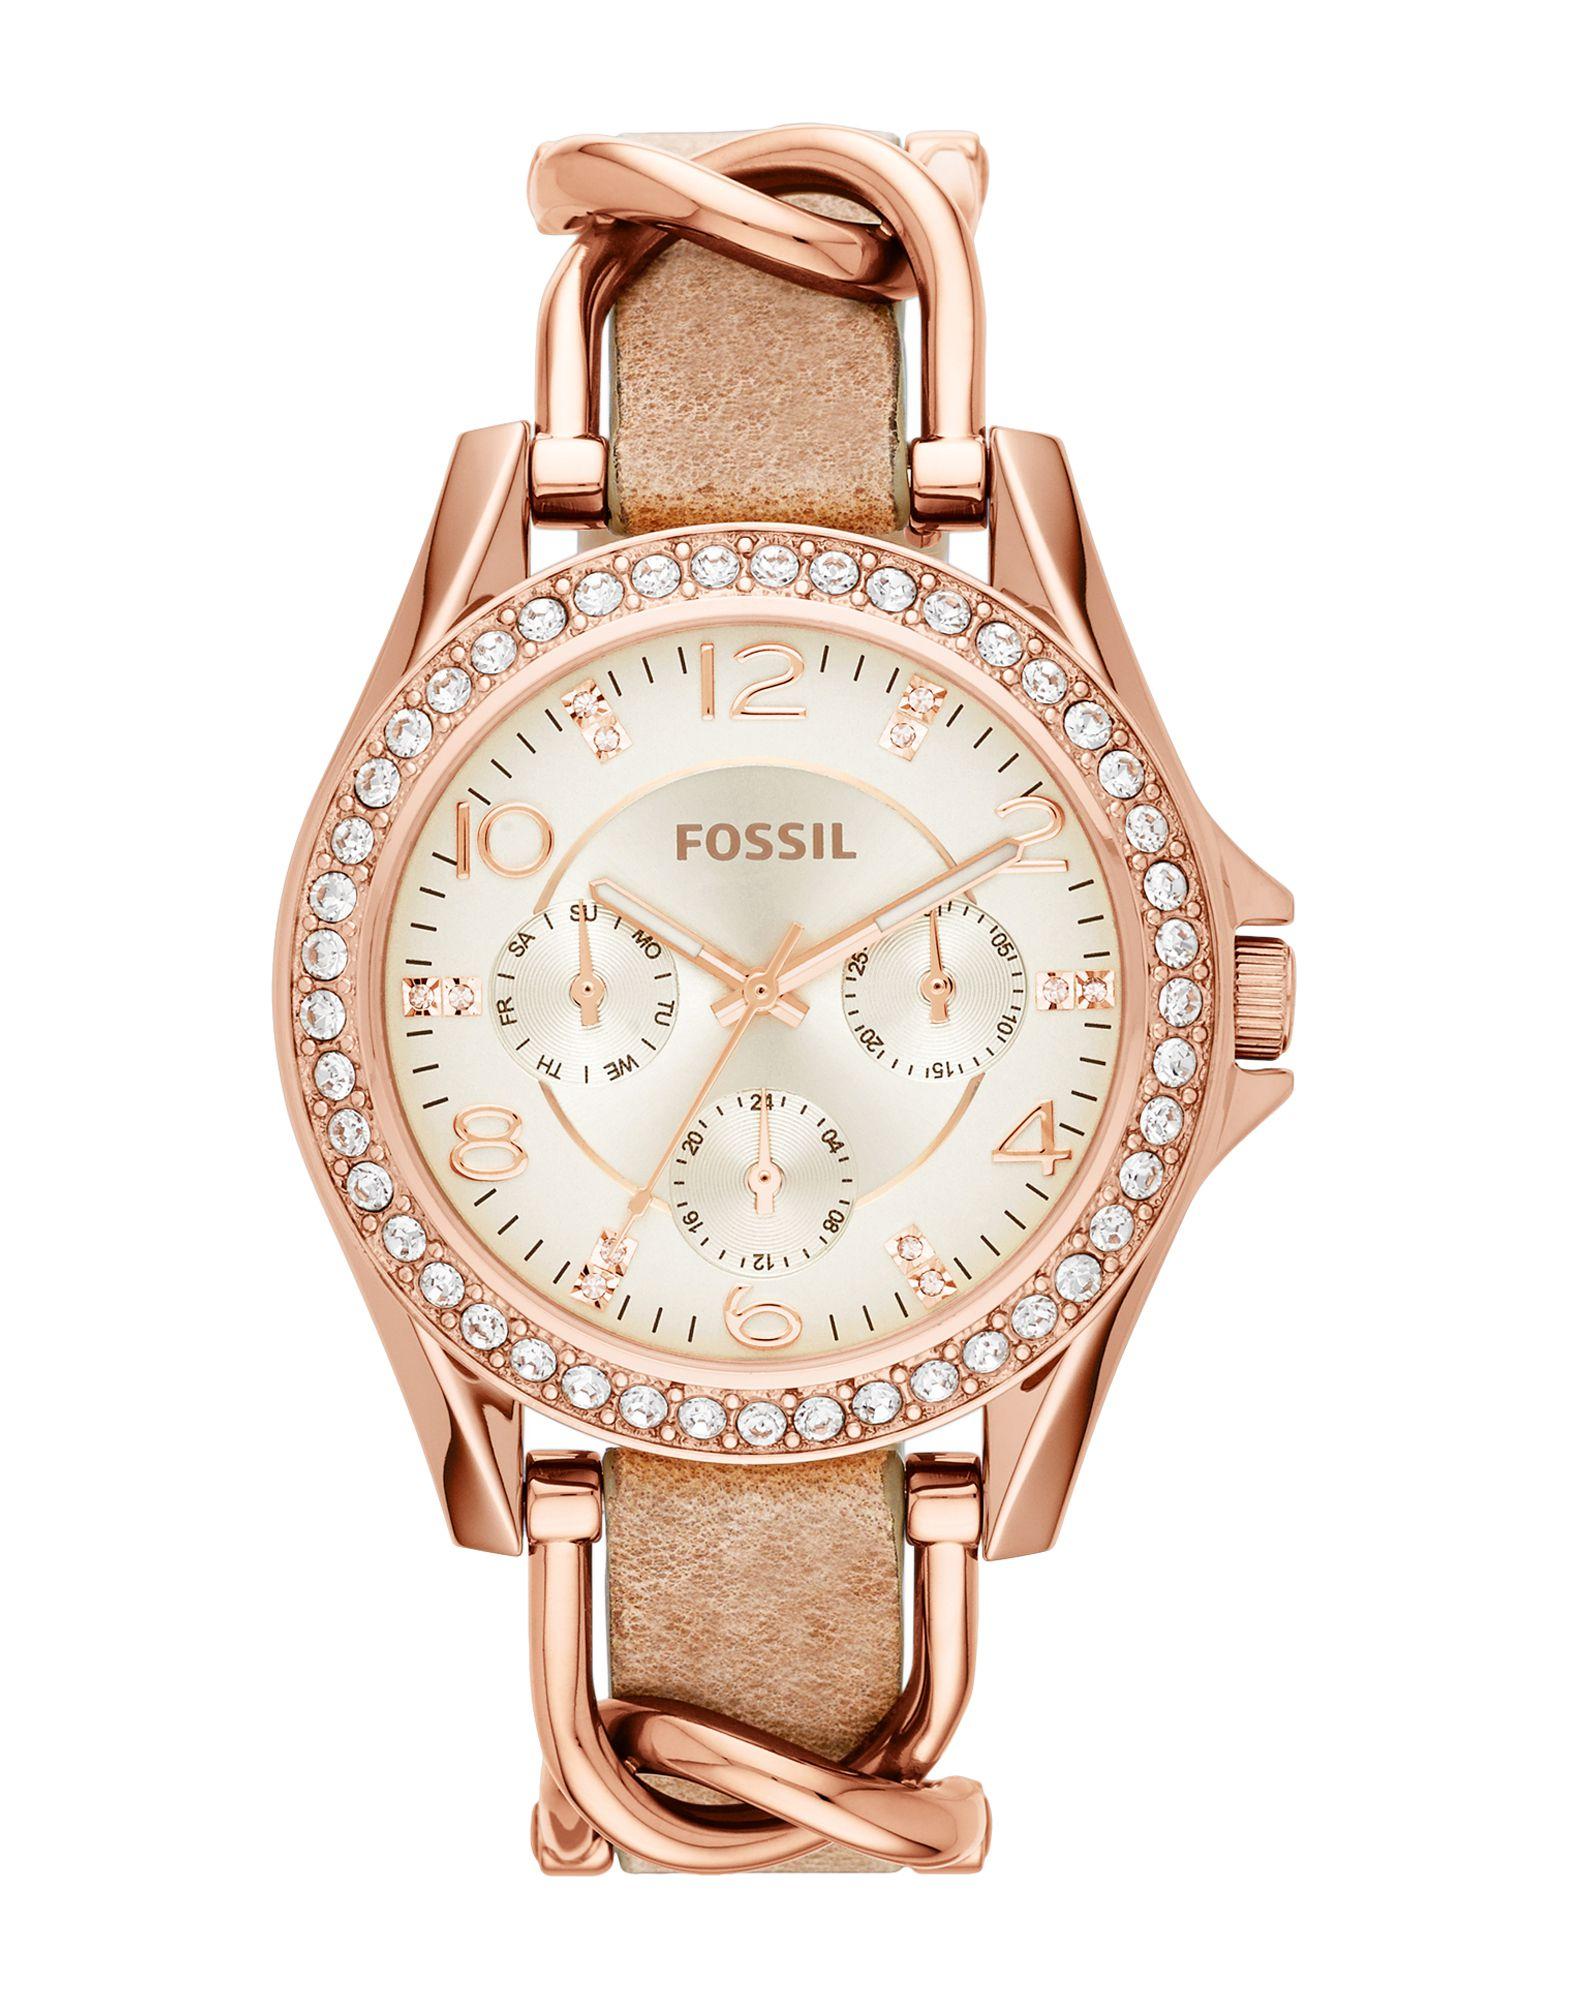 《送料無料》FOSSIL レディース 腕時計 カッパー ステンレススチール / 革 / クリスタル RILEY